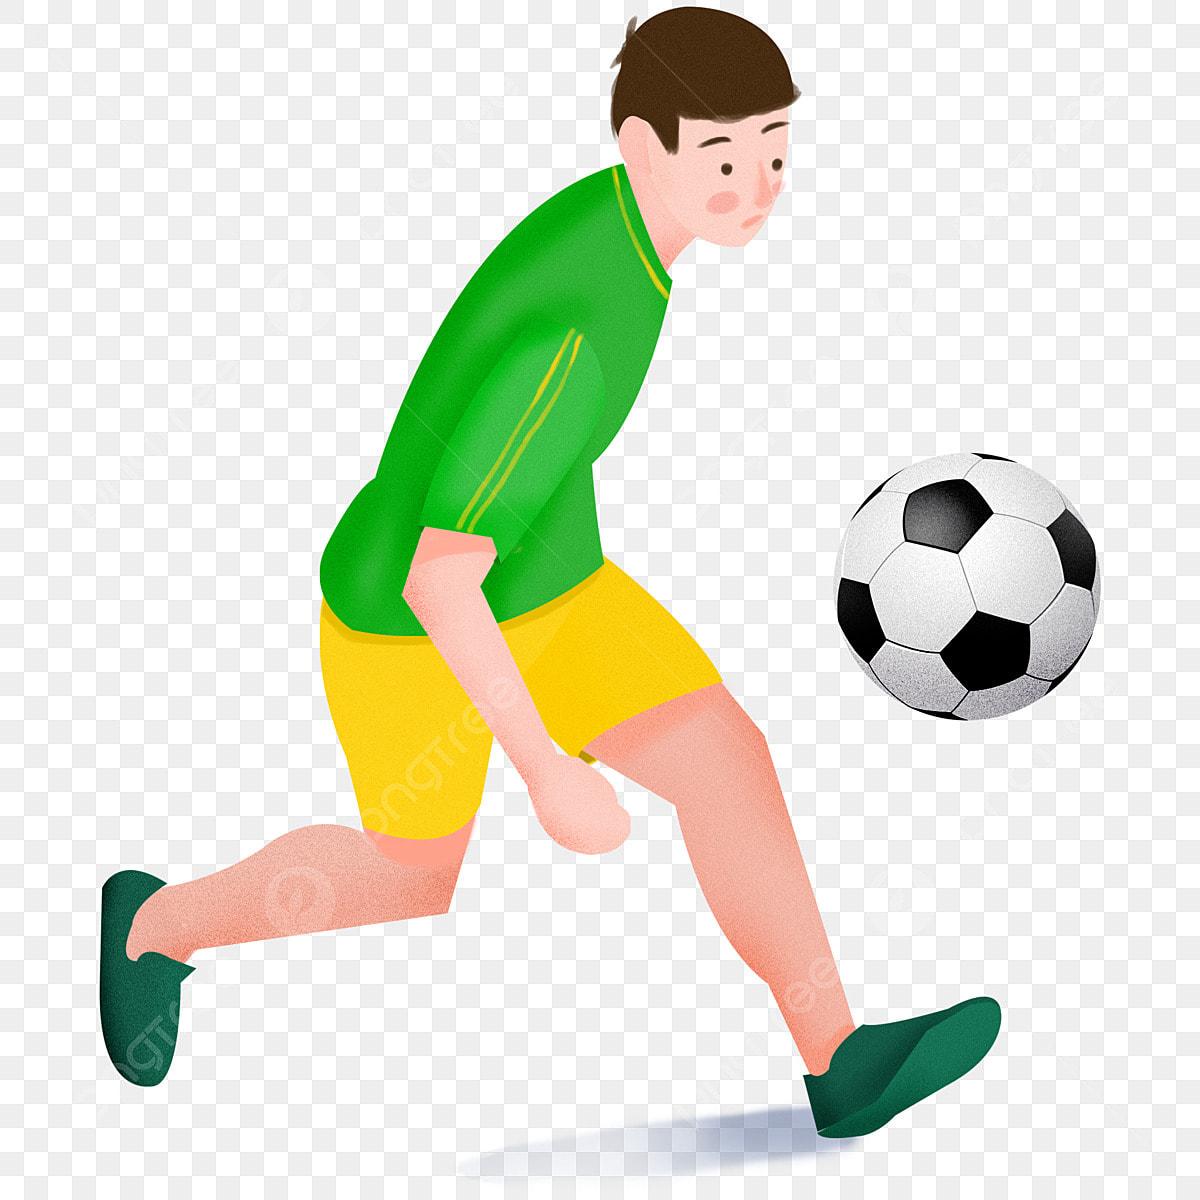 無料ダウンロードのためのサッカーテクスチャー背景画 白黒 サッカー